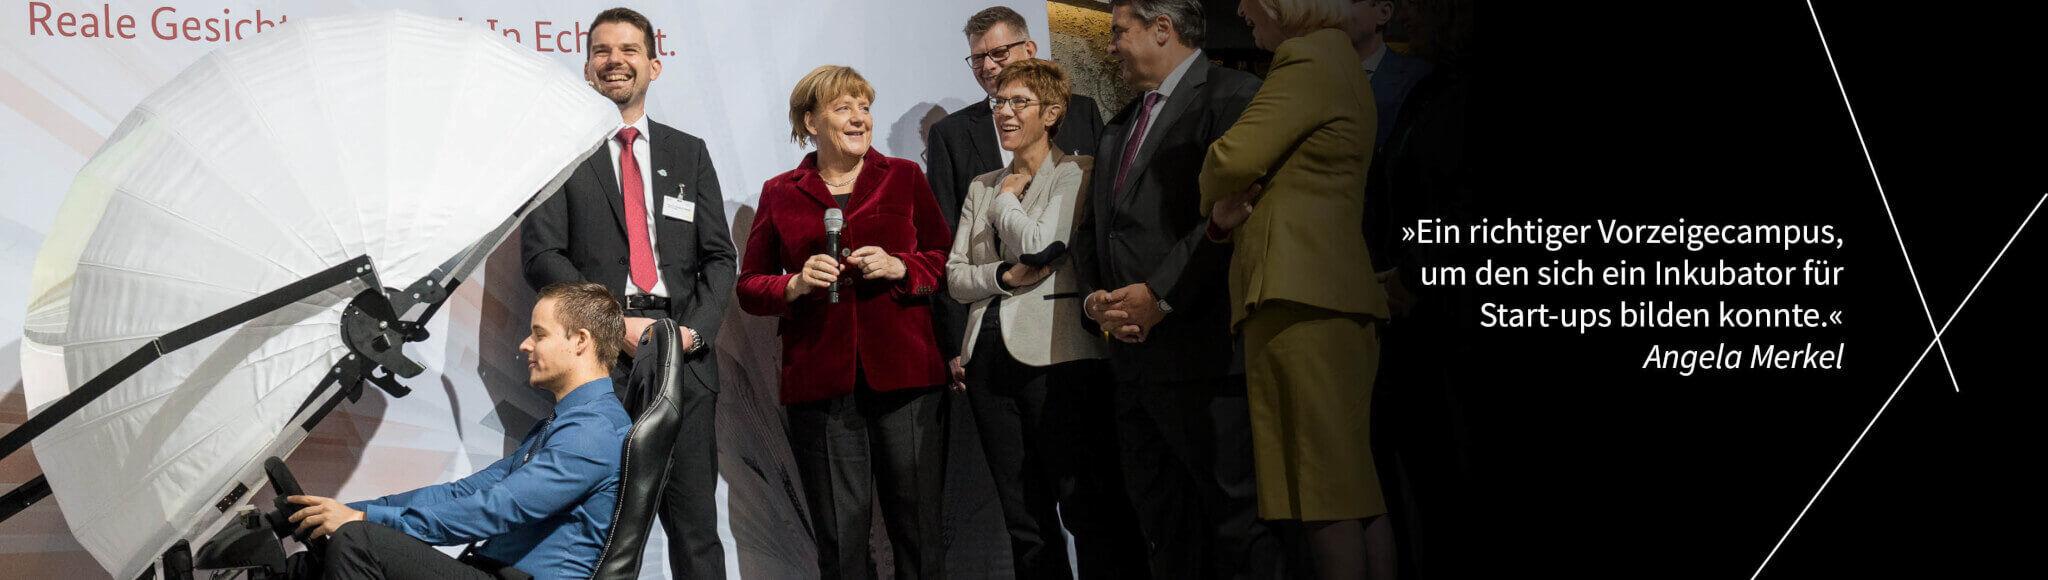 """""""Ein richtiger Vorzeigecampus , um den sich ein Inkubator für Start-ups bilden konnte."""" - Angela Merkel"""